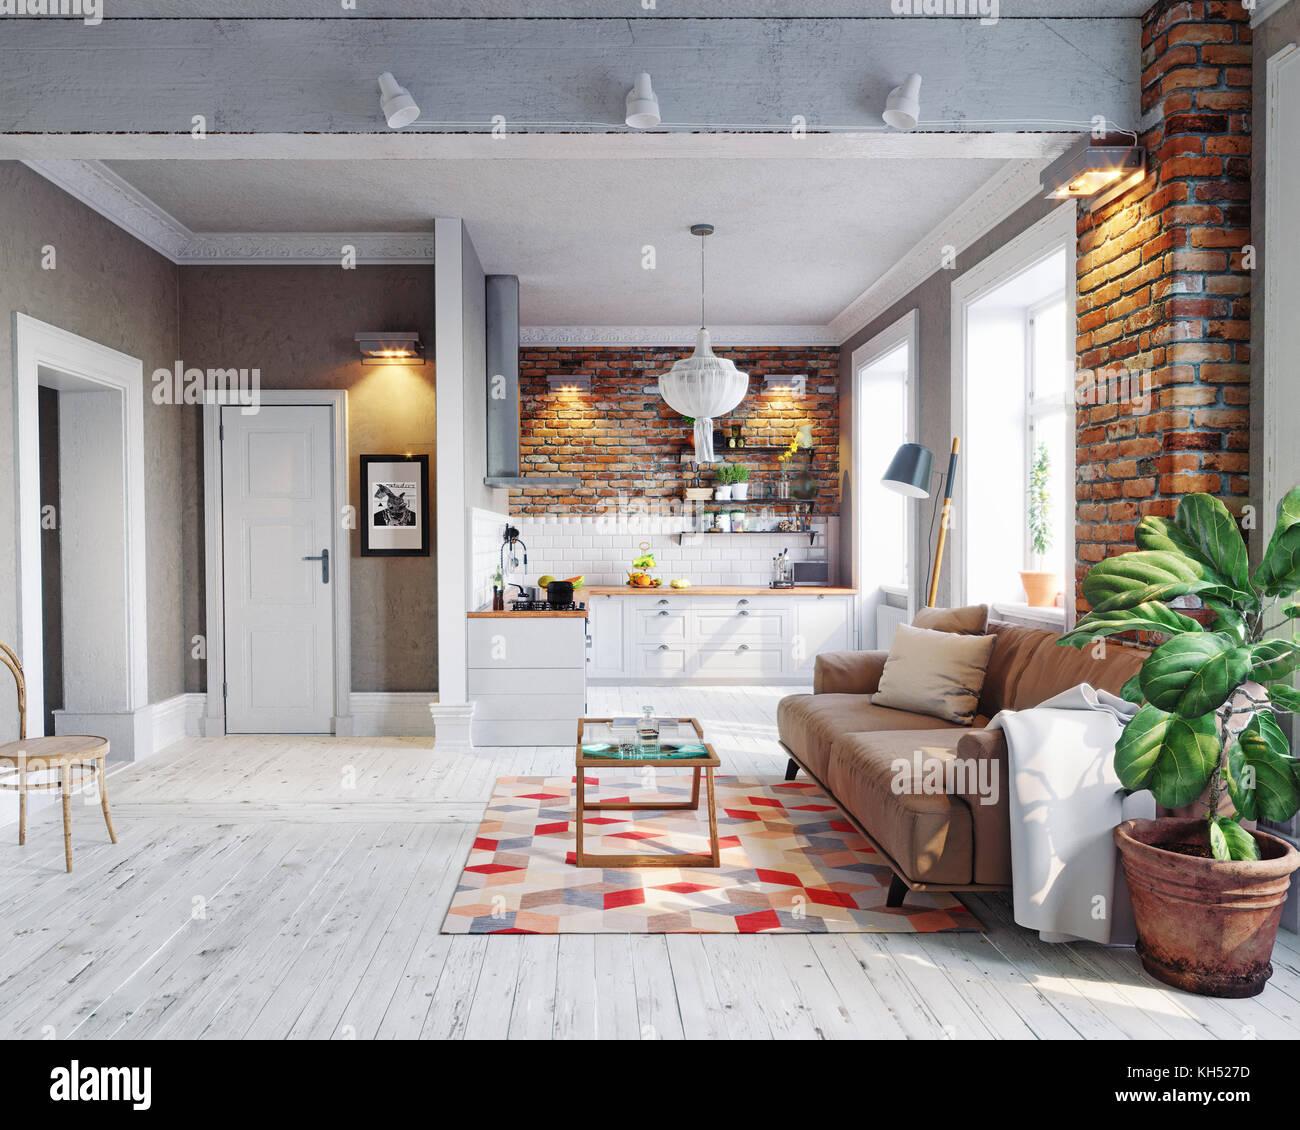 Cet appartement moderne de style scandinave. intérieur design. Concept de rendu 3D Photo Stock